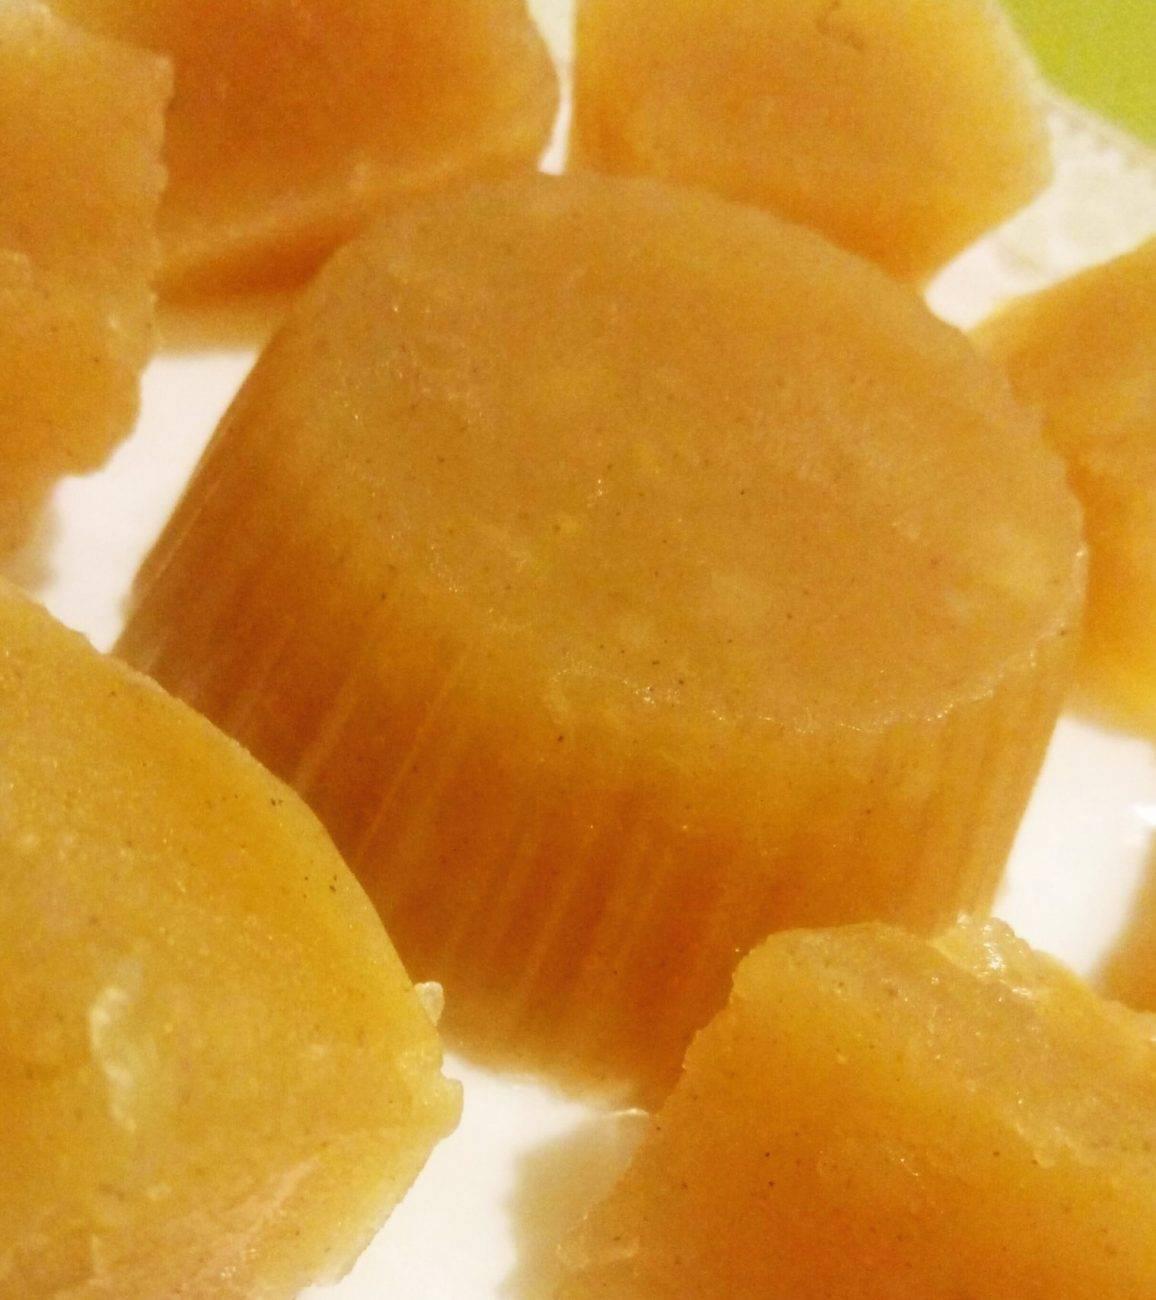 Сделать мармелад из яблок дома. мармелад из яблок в домашних условиях: лучшие рецепты